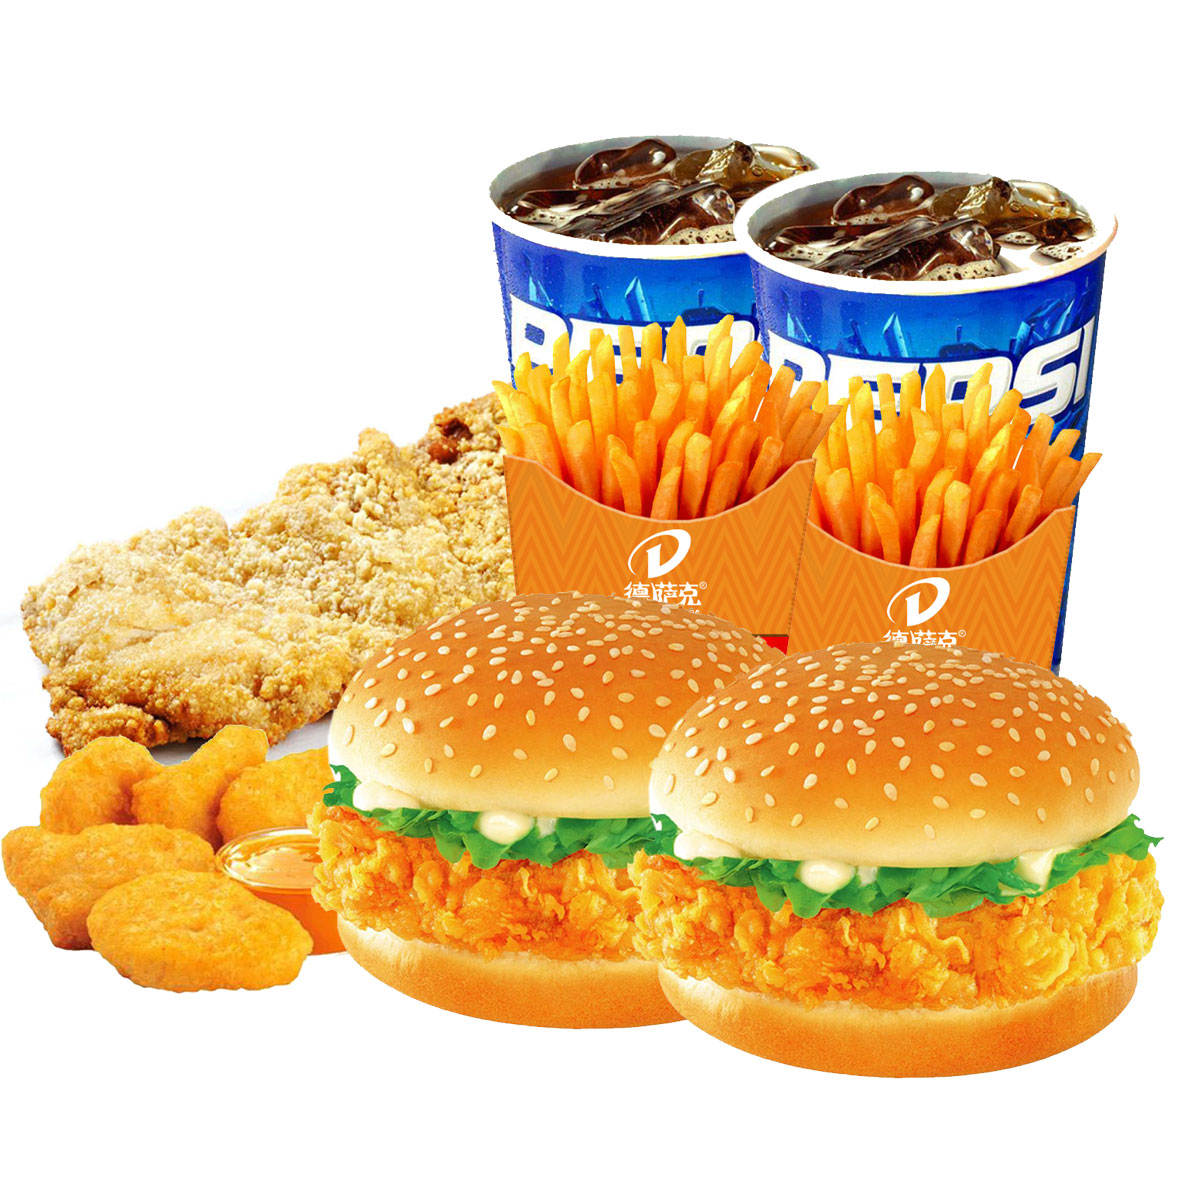 汉堡鸡排双人套餐.jpg